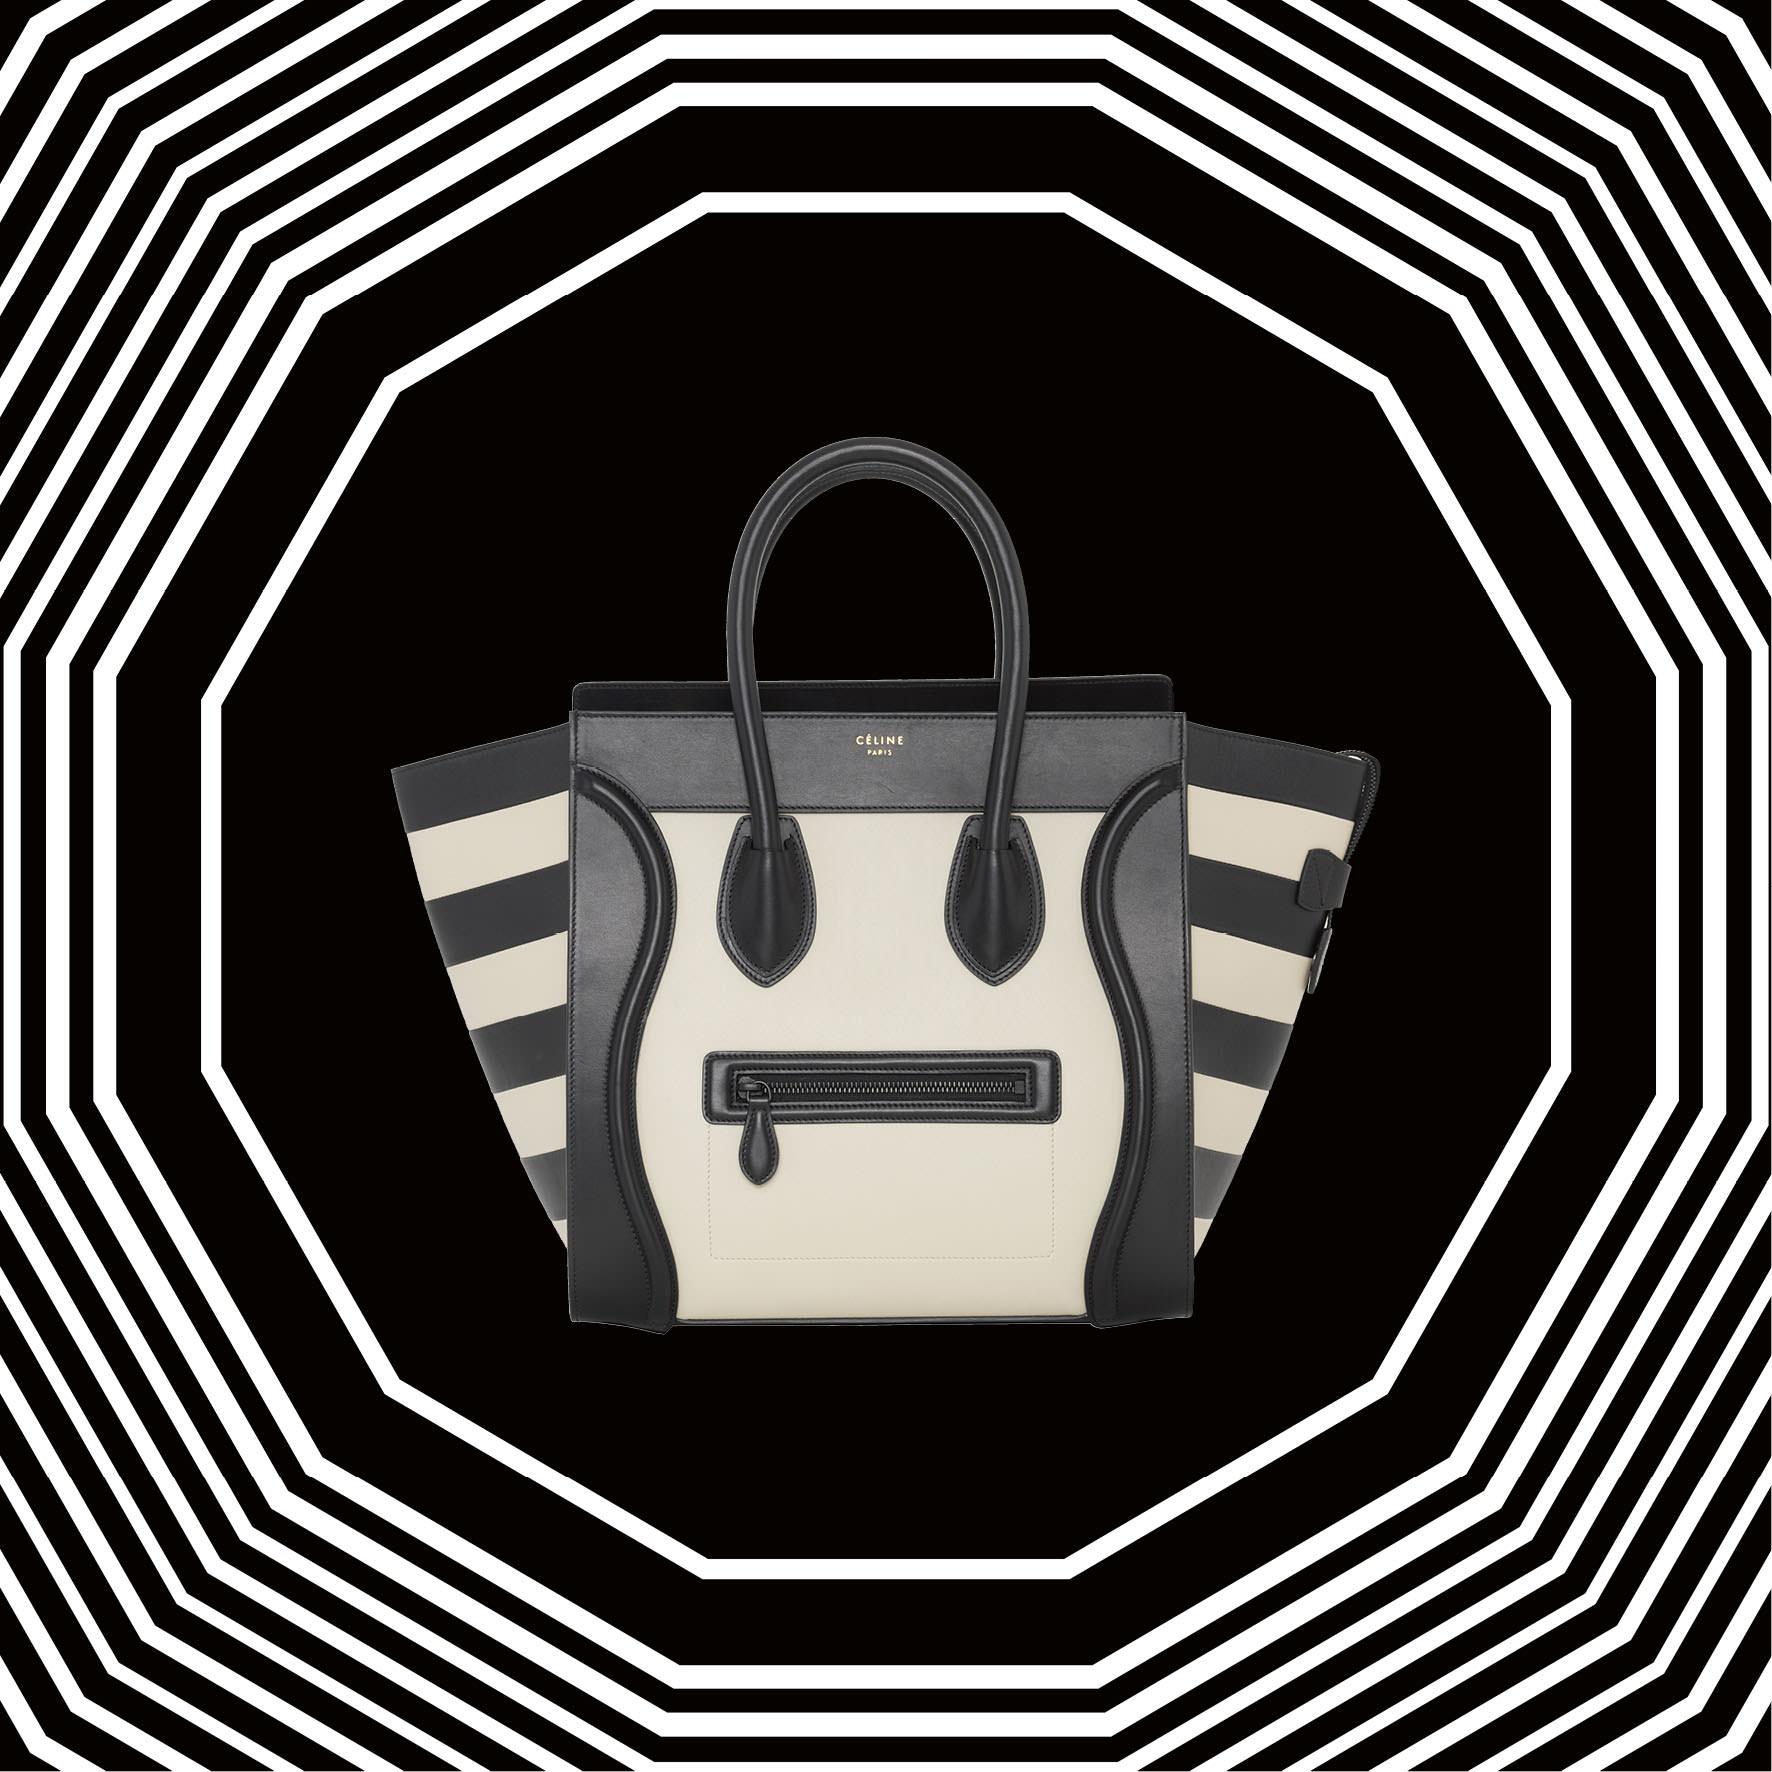 """L'objet fétiche : le mini-sac """"Luggage"""" de Céline"""